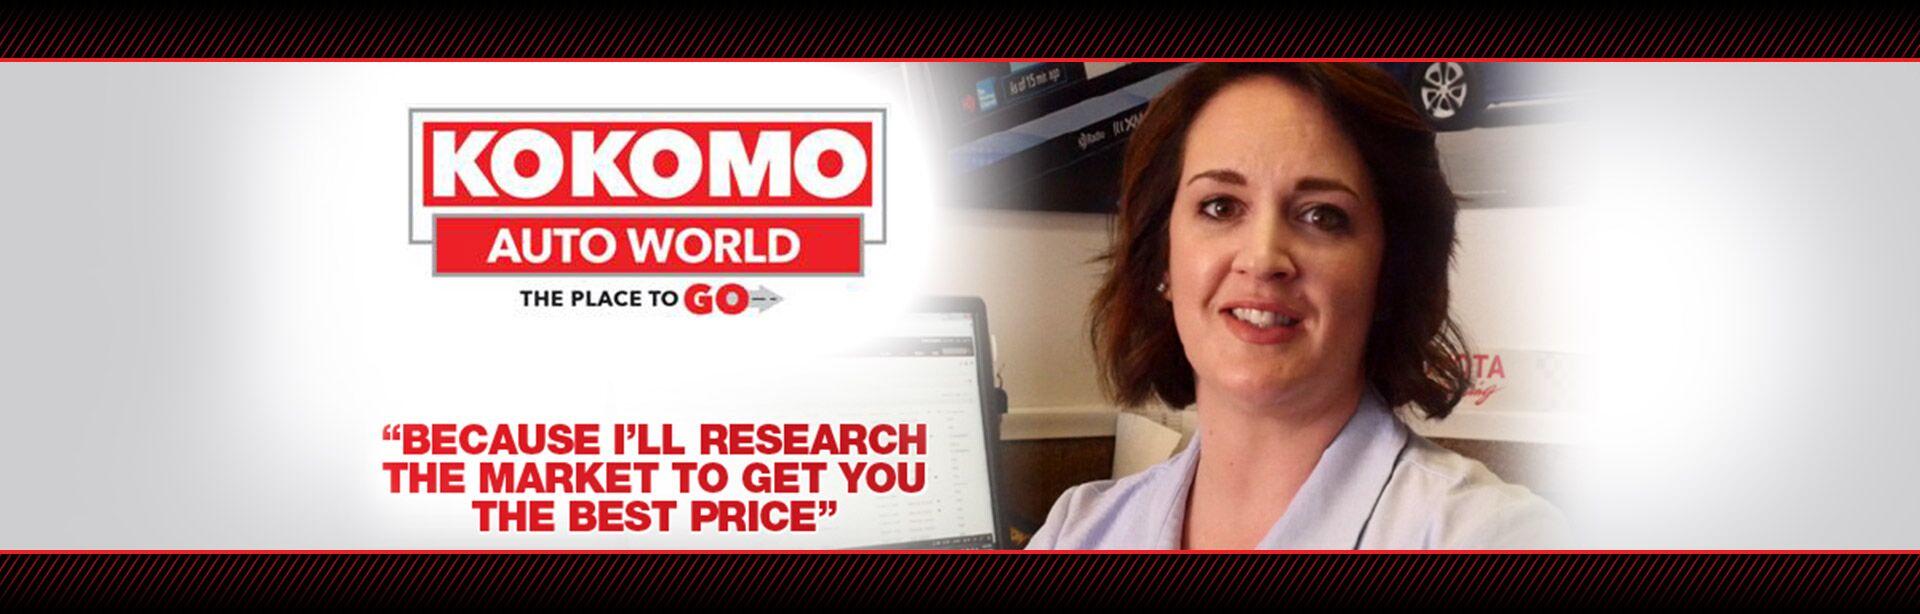 Kokomo Auto World Used Cars